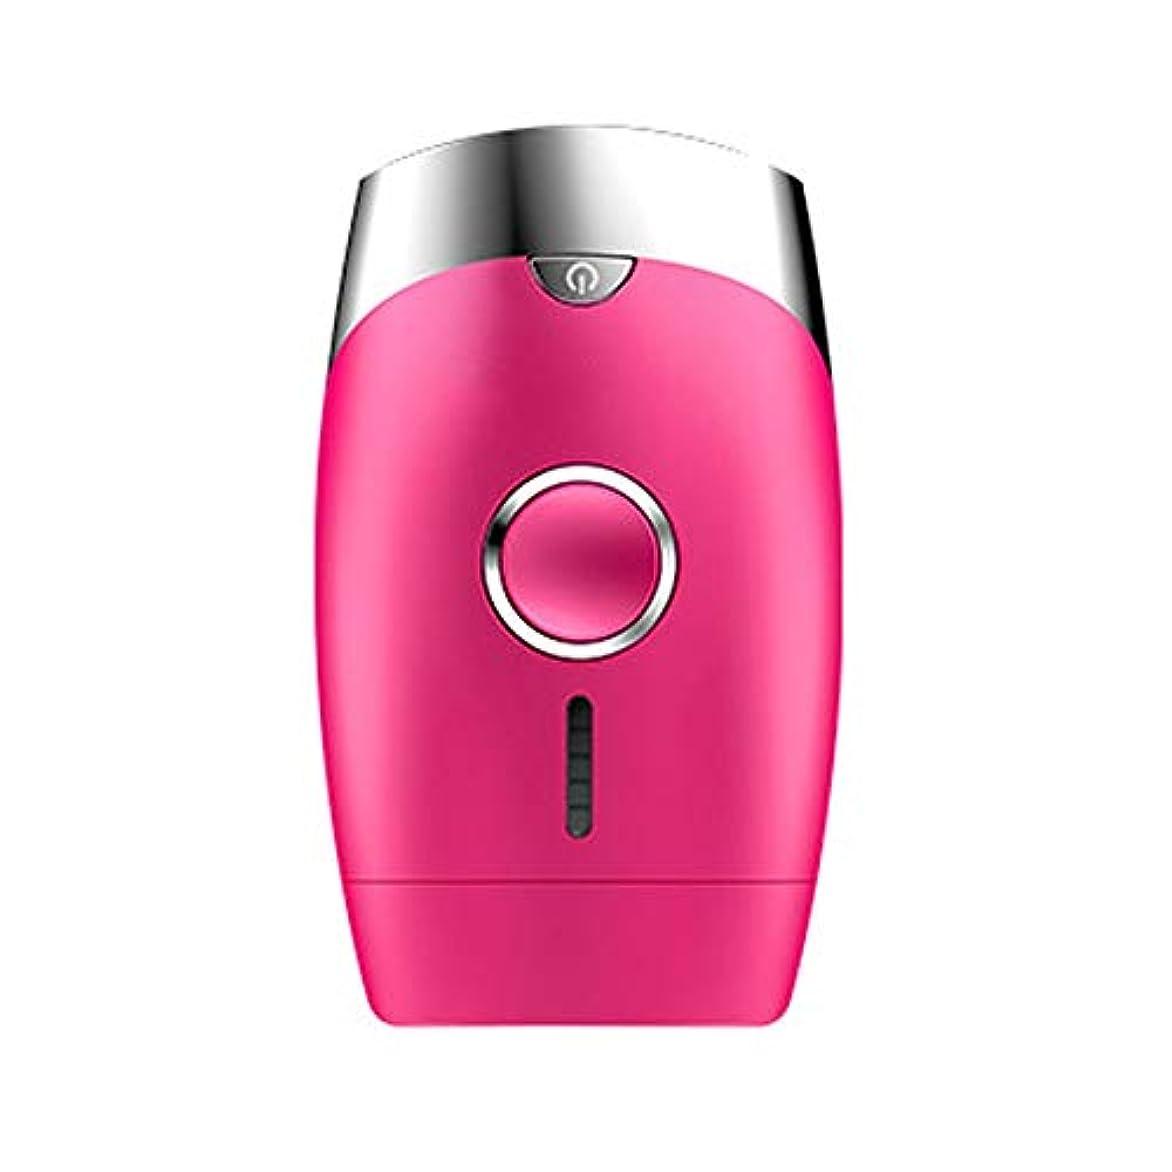 に沿ってスタジオエイズピンク、5スピード調整、インテリジェント家庭用痛みのない凝固点ヘアリムーバー、シングルフラッシュ/連続フラッシュ、サイズ13.9 X 8.3 X 4.8 Cm 快適な脱毛 (Color : Pink)